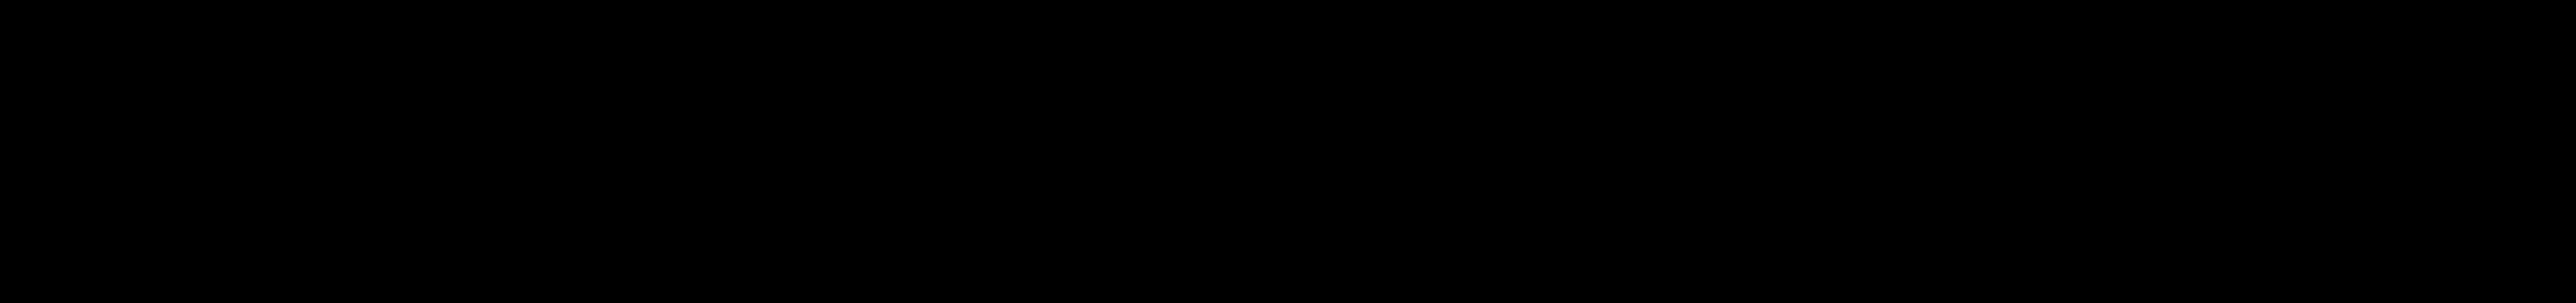 Logo Blå porten - Kungliga Djurgården, Östermalm, Stockholm - En av världens vackraste stadsparker - @kungligadjurgarden - kungligadjurgarden.com - Kungliga Djurgården en del av Östermalm - @ostermalm - ostermalm.com